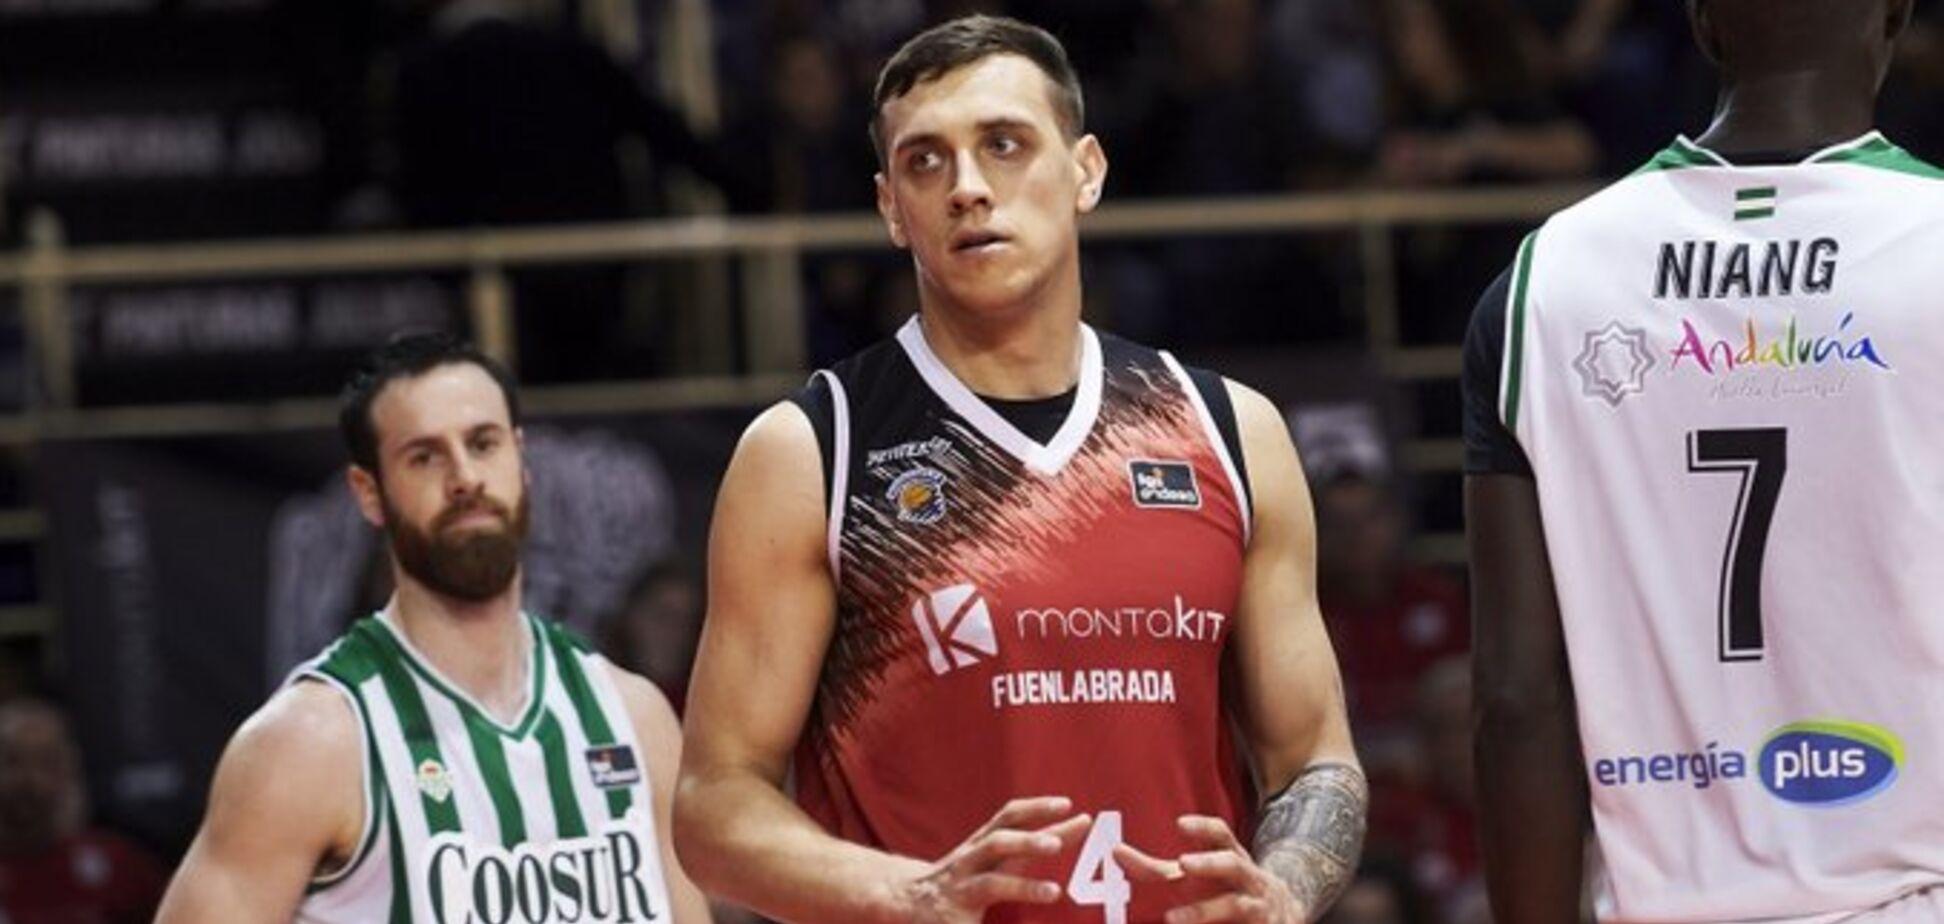 Баскетболіст збірної України, який заразився коронавірусом, виступив із заявою